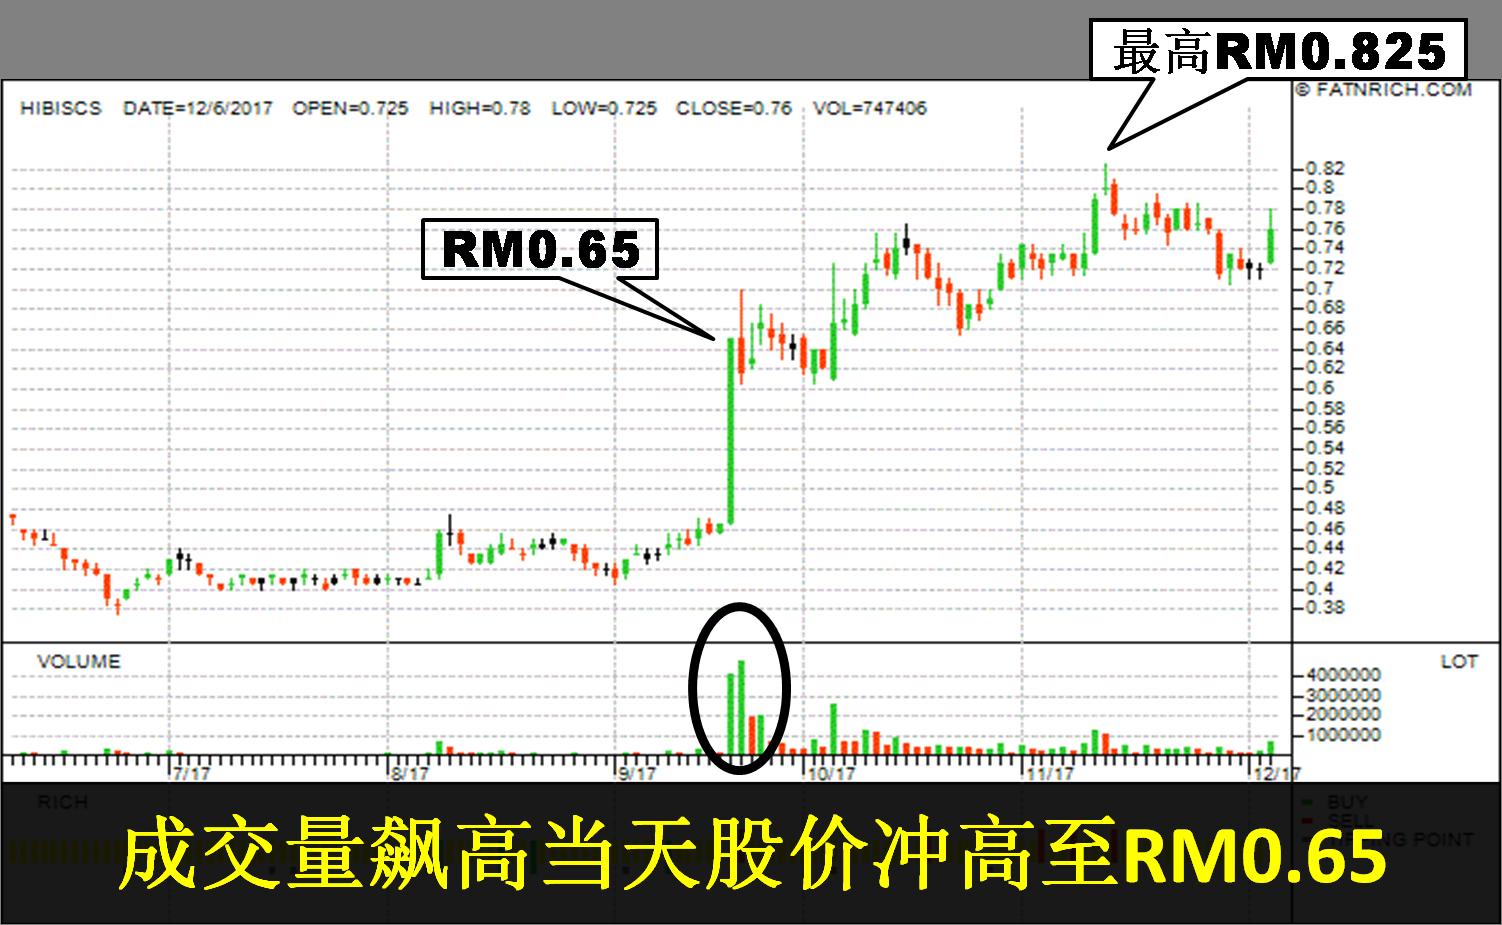 [股票]如何在股价飙升前买进?